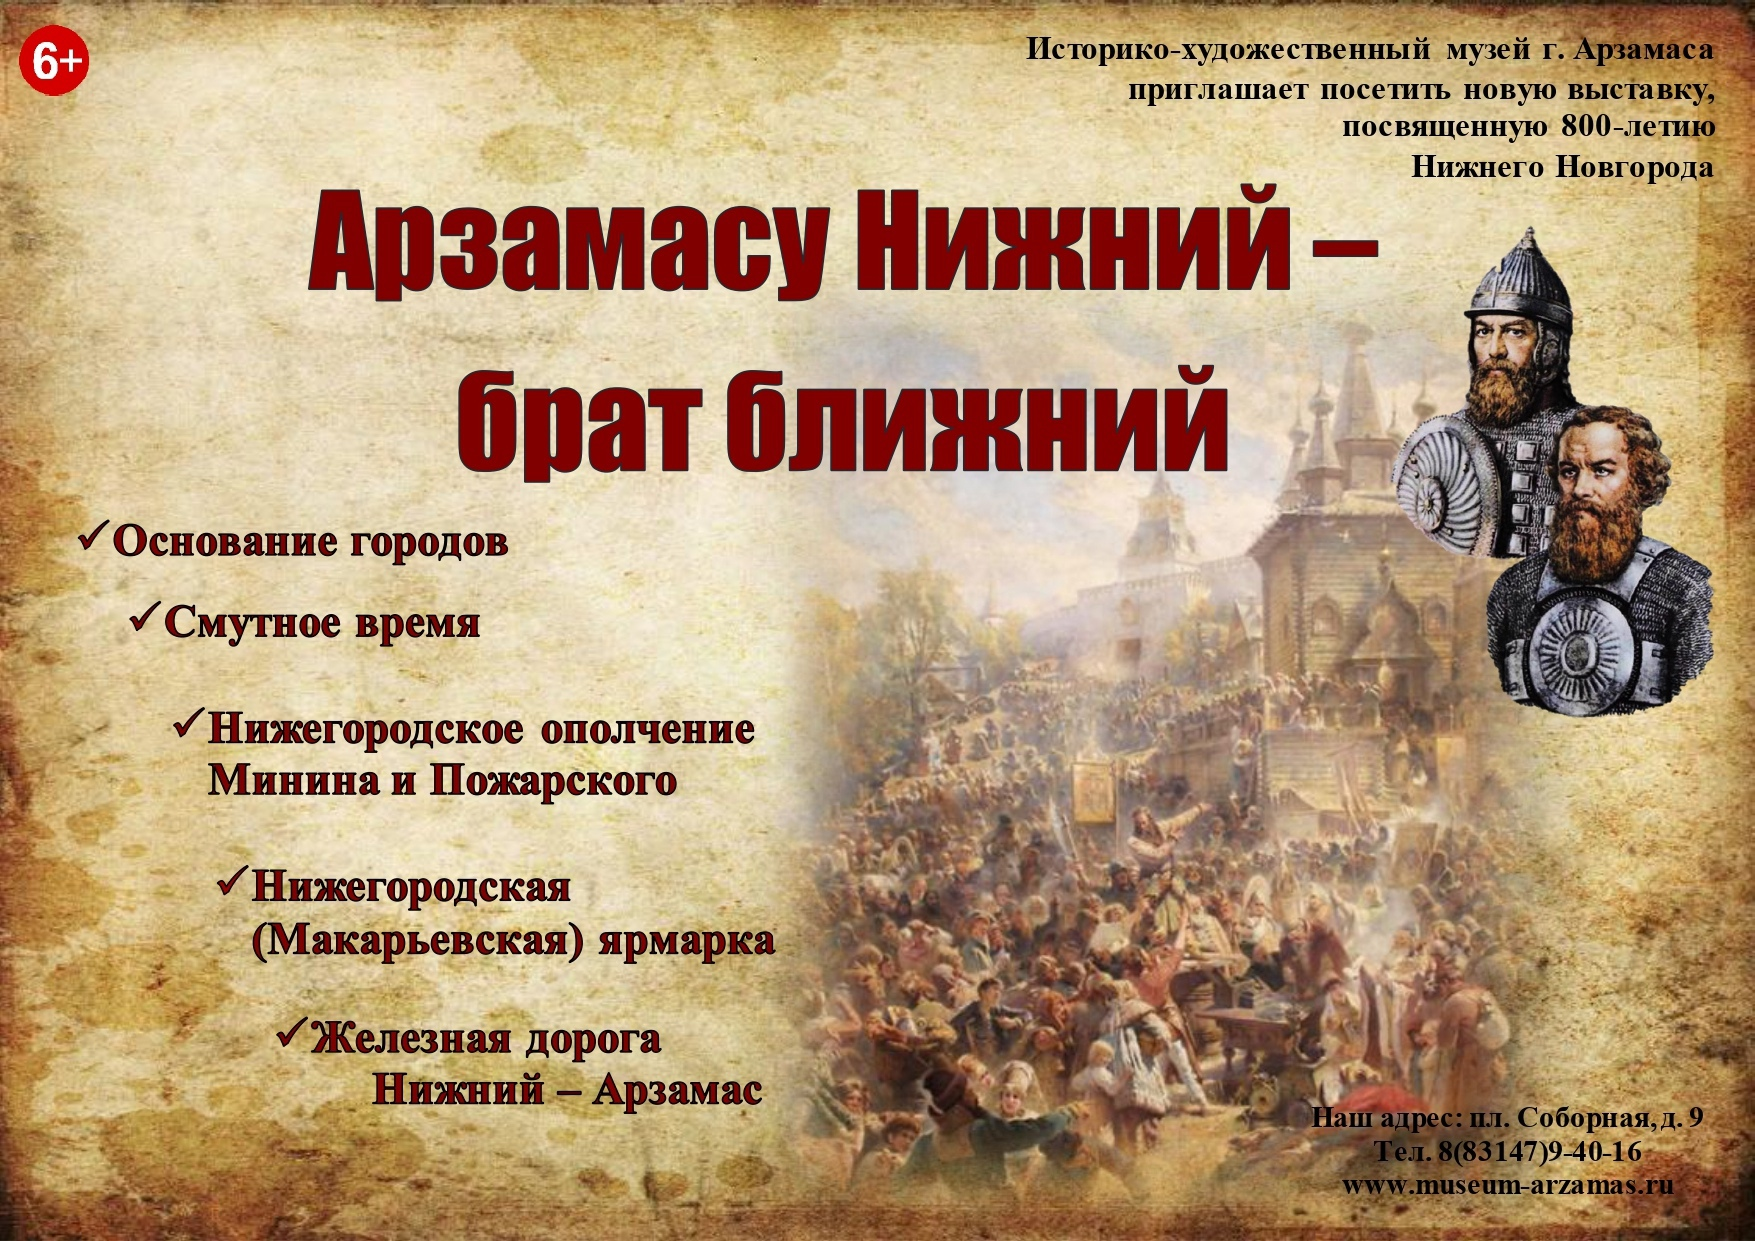 Выставка «Арзамасу Нижний – брат ближний» работает в Арзамасском историко-художественном музее